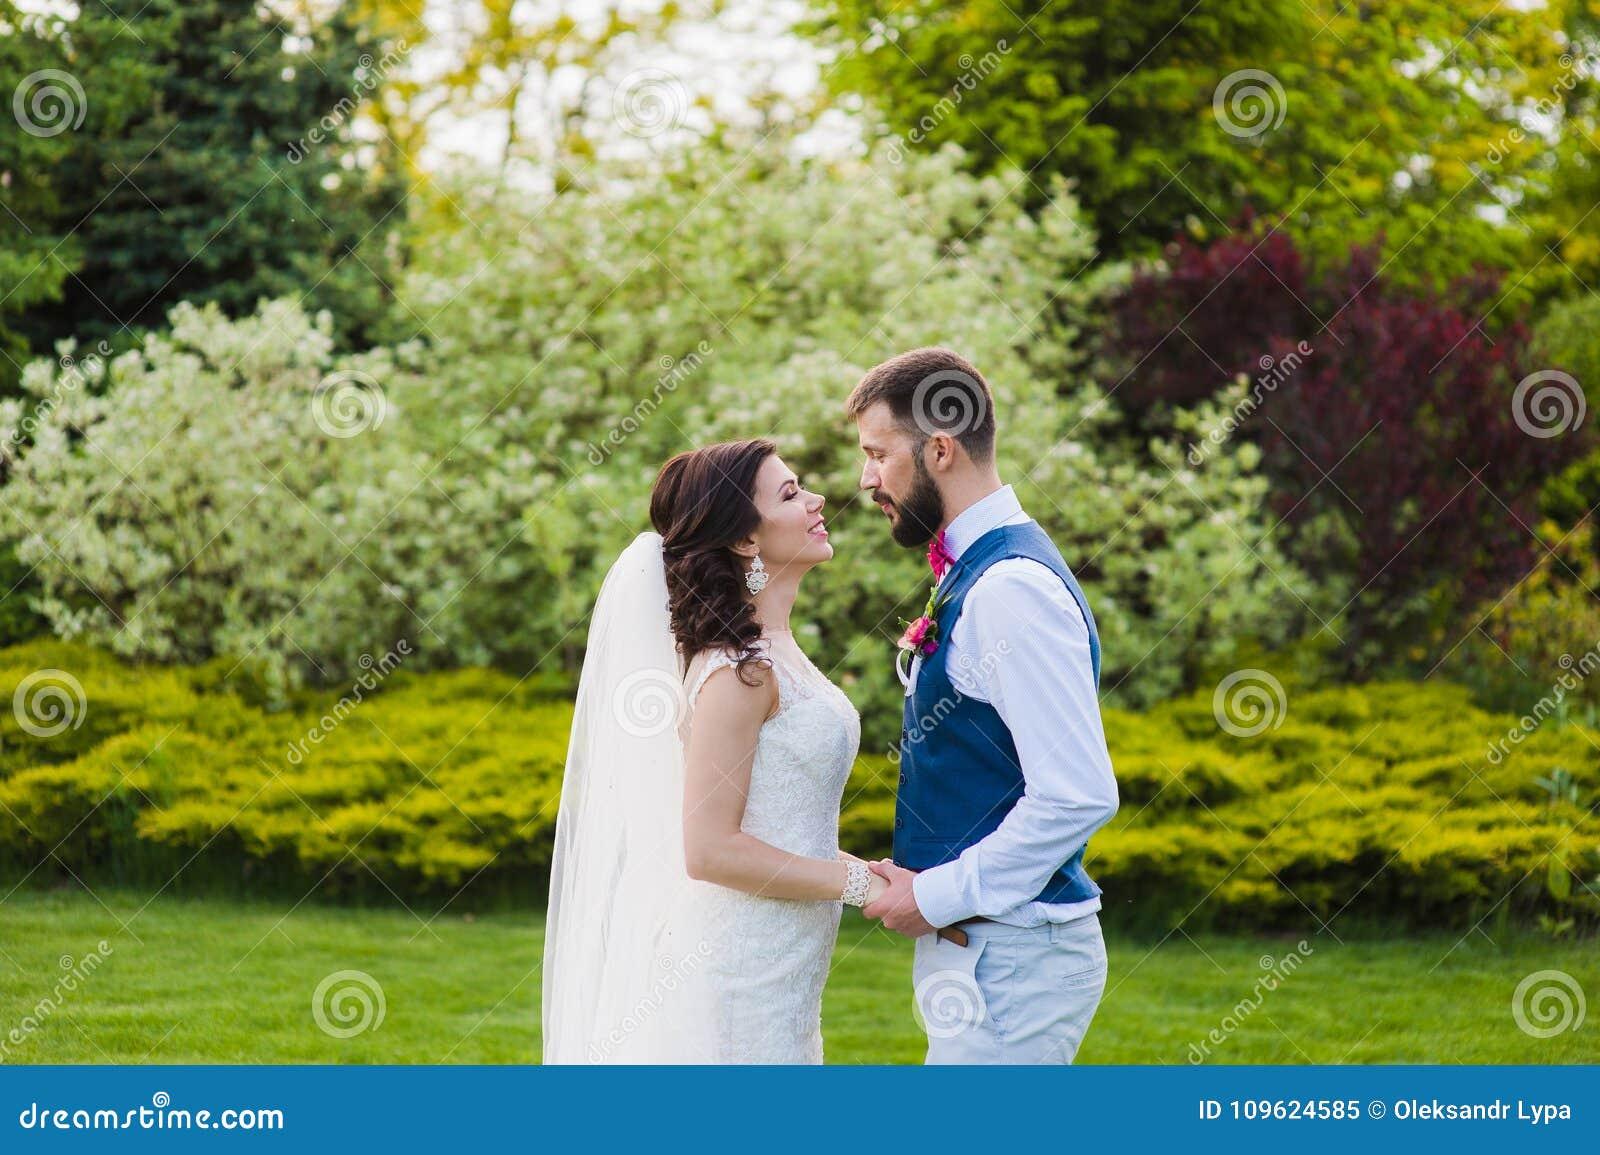 Ακριβώς παντρεμένο νέο ζευγάρι που πηγαίνει να φιλήσει